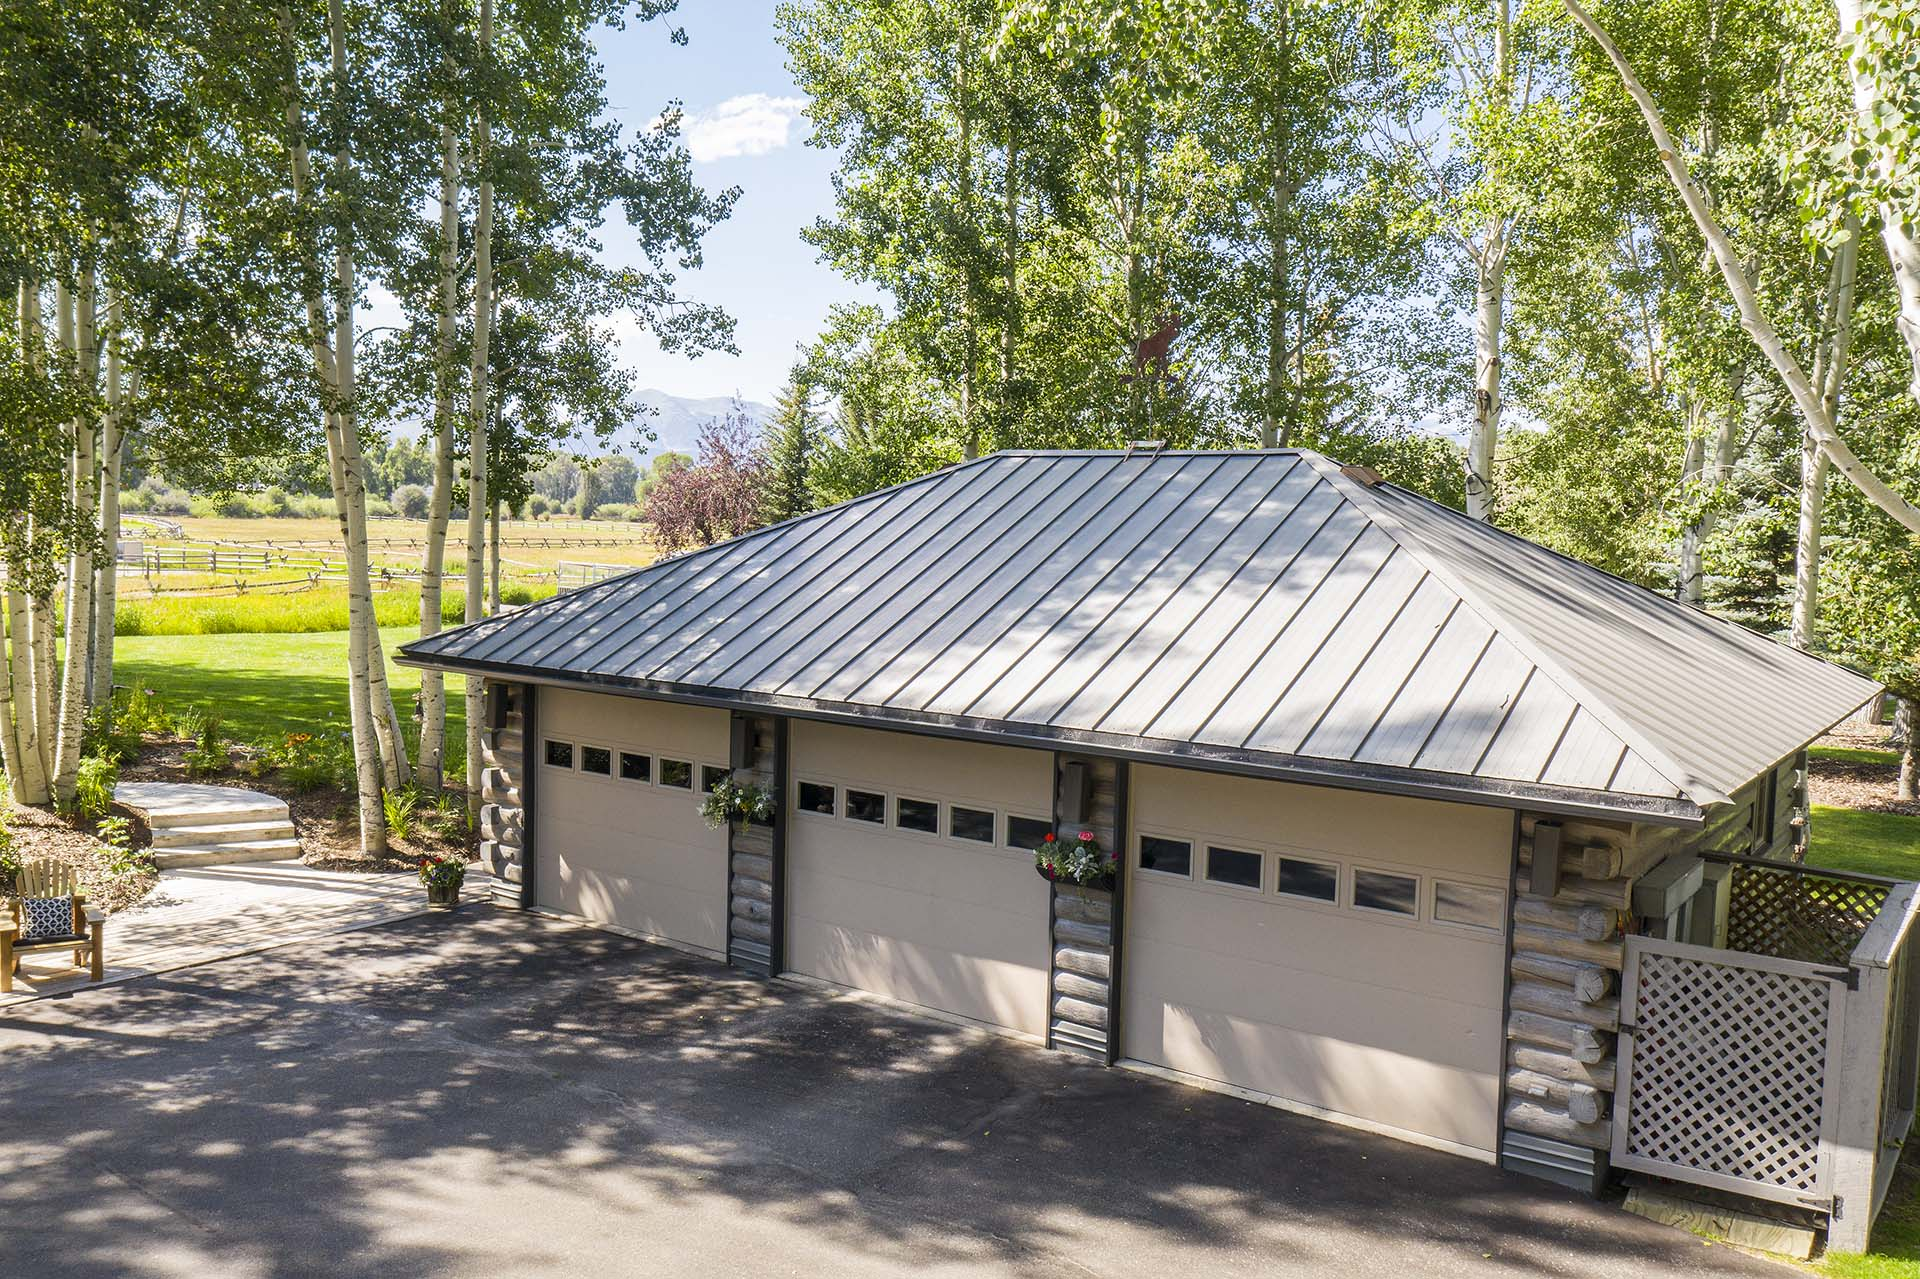 Shootin Iron Ranches - Jackson Hole Real EstateShootin Iron Ranches - Jackson Hole Real Estate